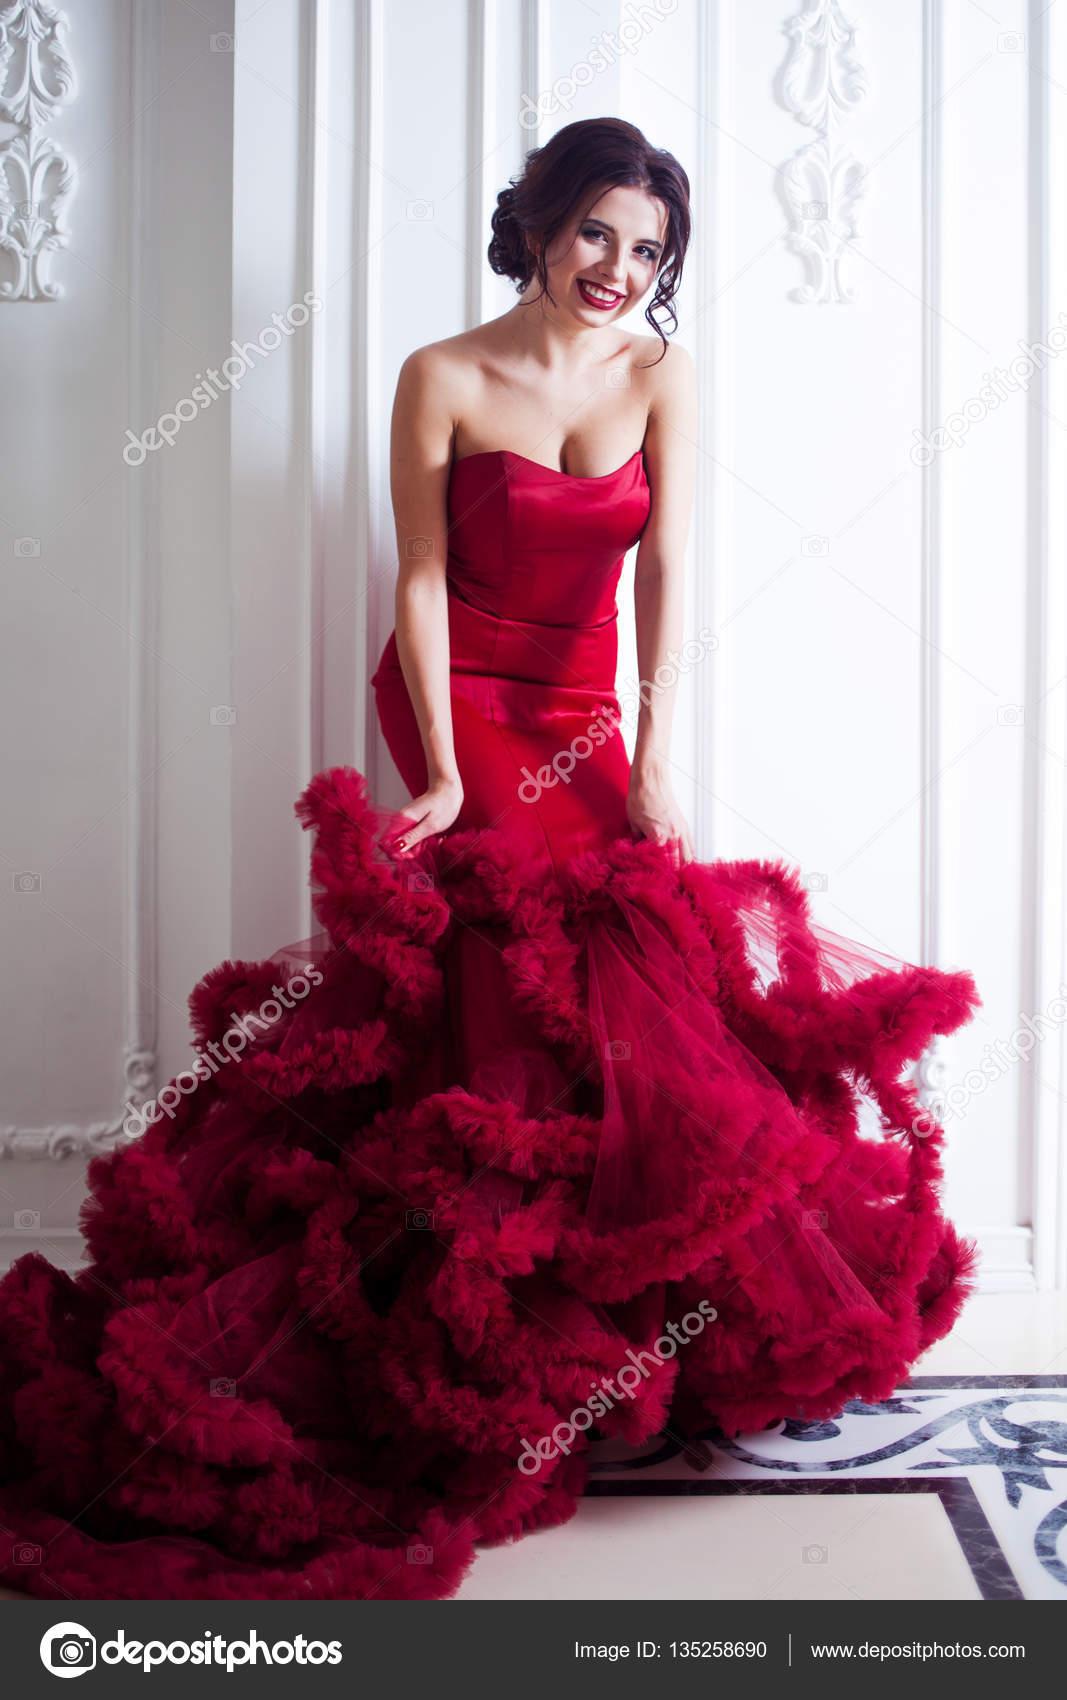 b25da560d27 Robe de beauté Brunette modèle femme en rouge de la soirée. Belle mode luxe  maquillage et coiffure